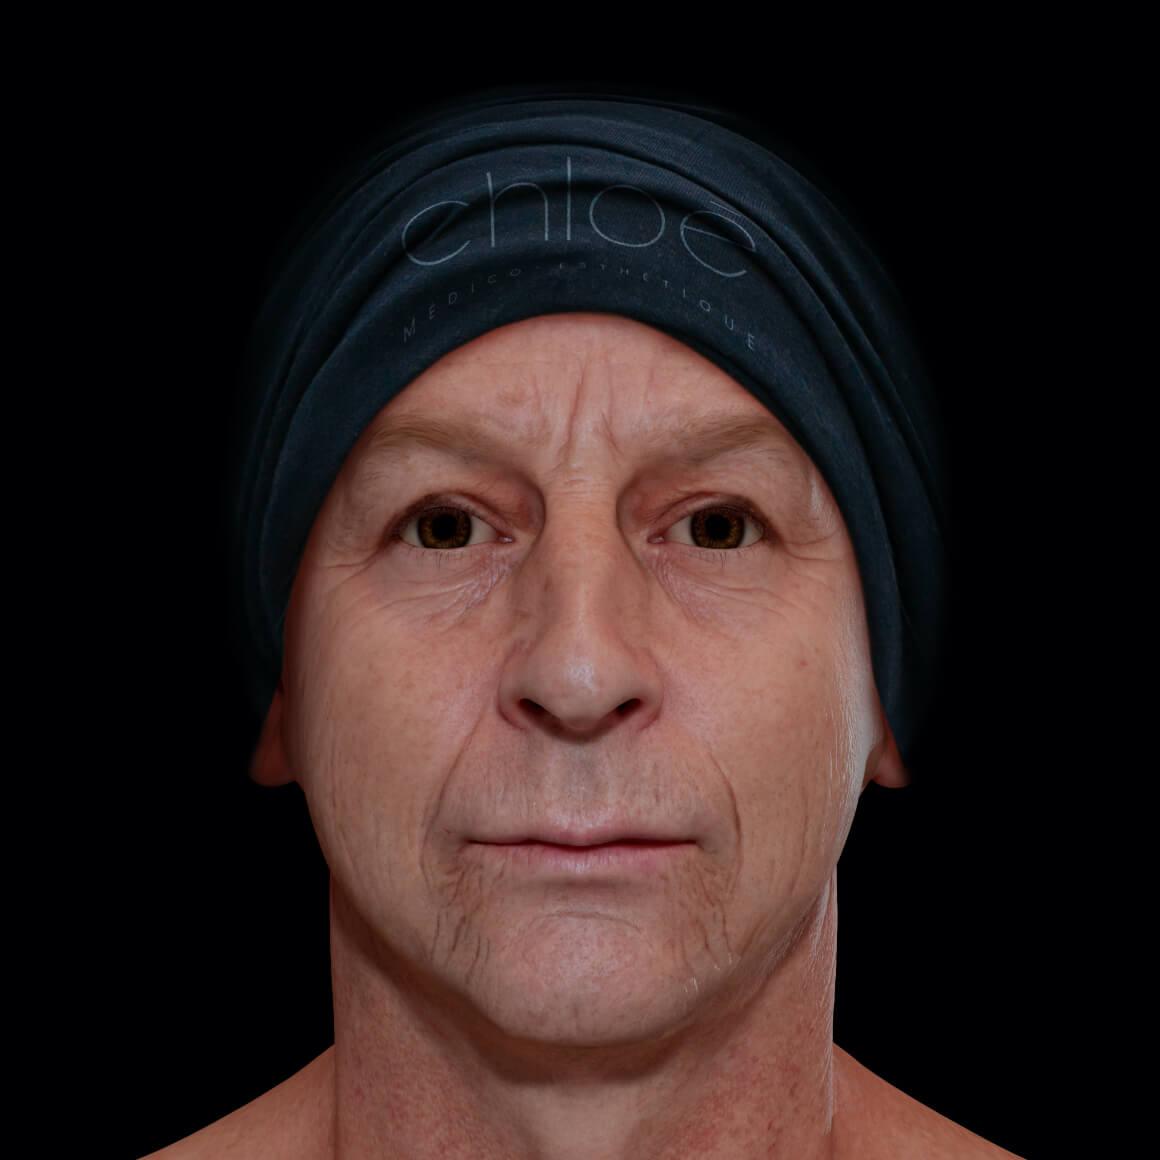 Patient de la Clinique Chloé positionné de face montrant un relâchement cutané du visage